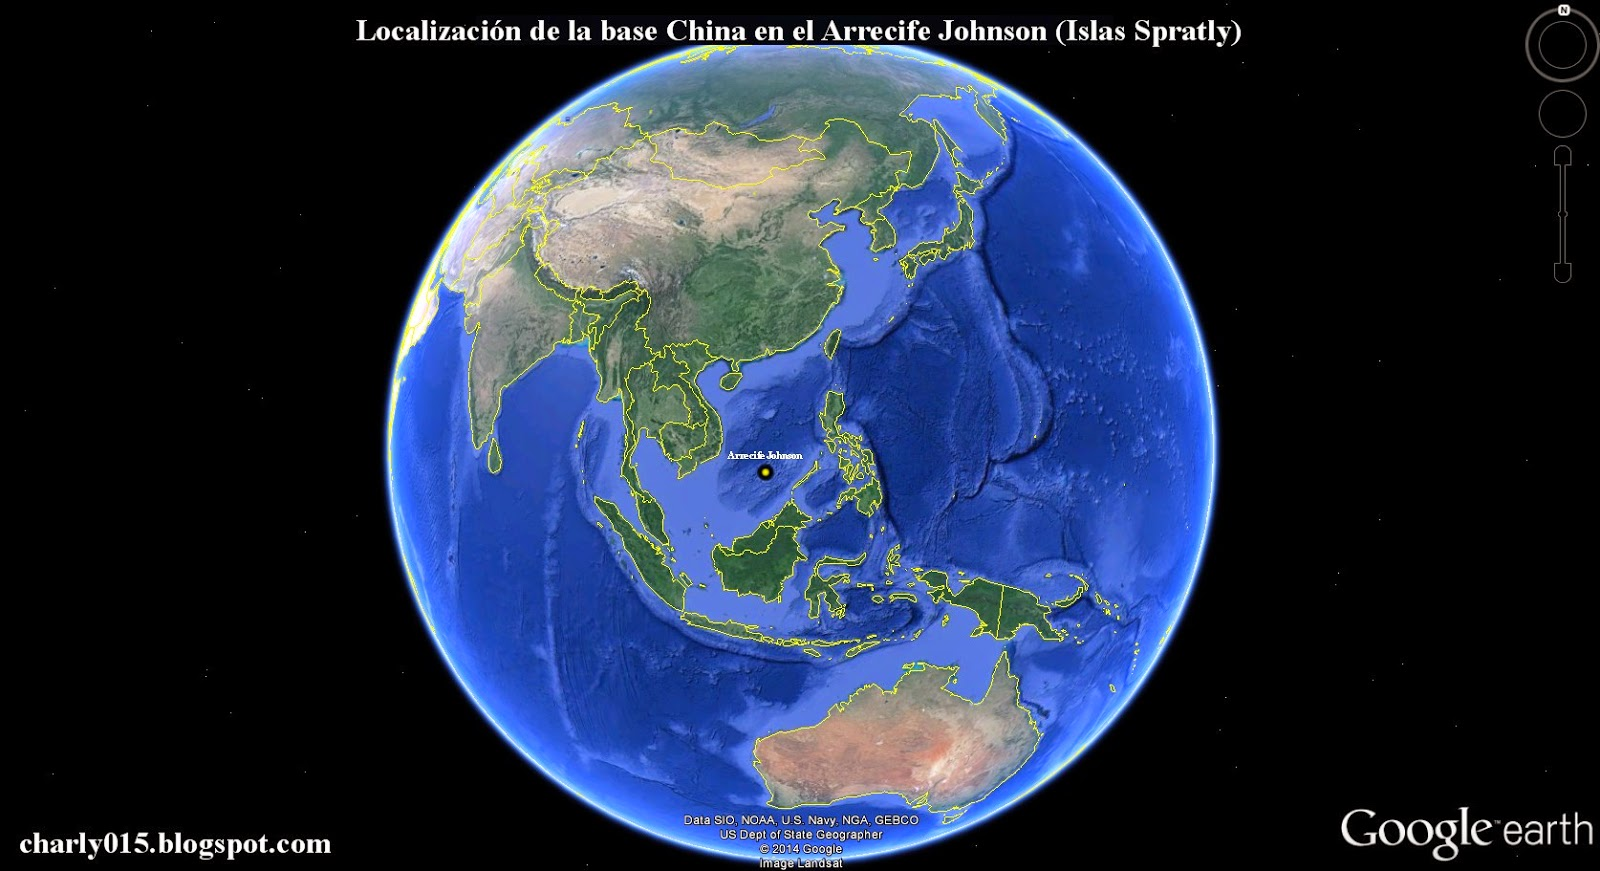 Poder militar chino: Ejército, Armada, Fuerza Aérea China%2Bjohnson